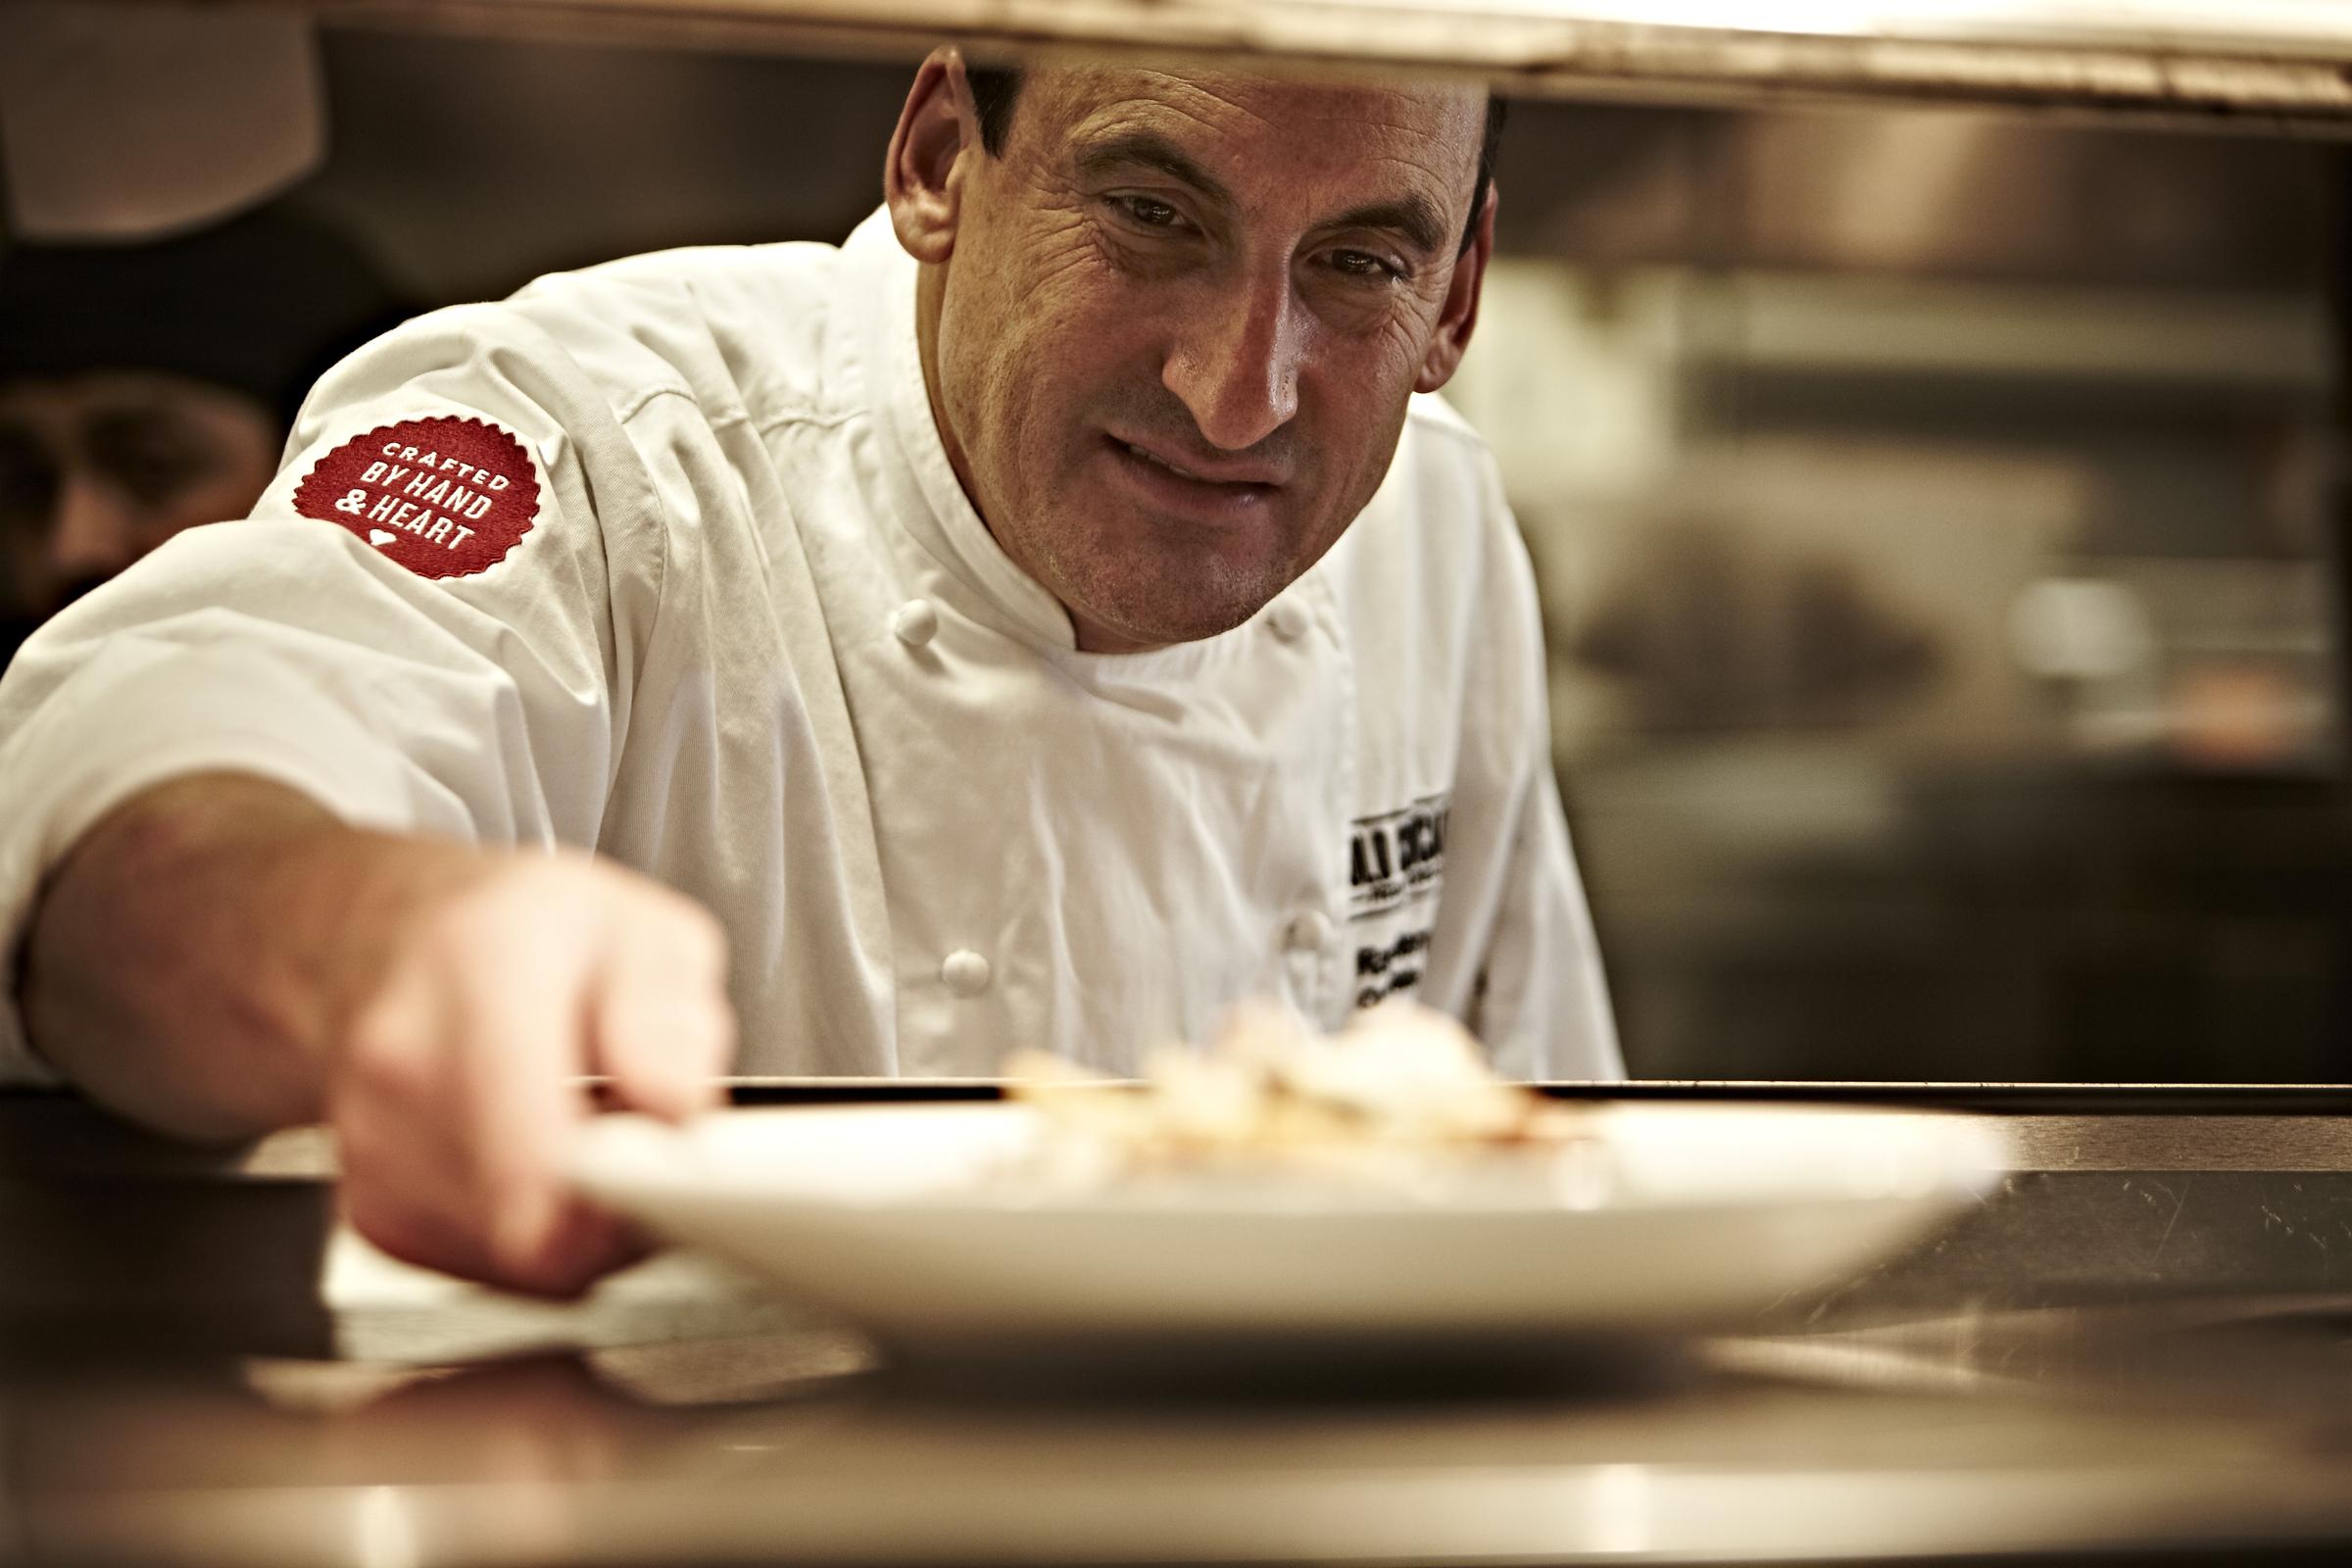 OC-Staff_Kitchen_Chef50_300ppi.jpg